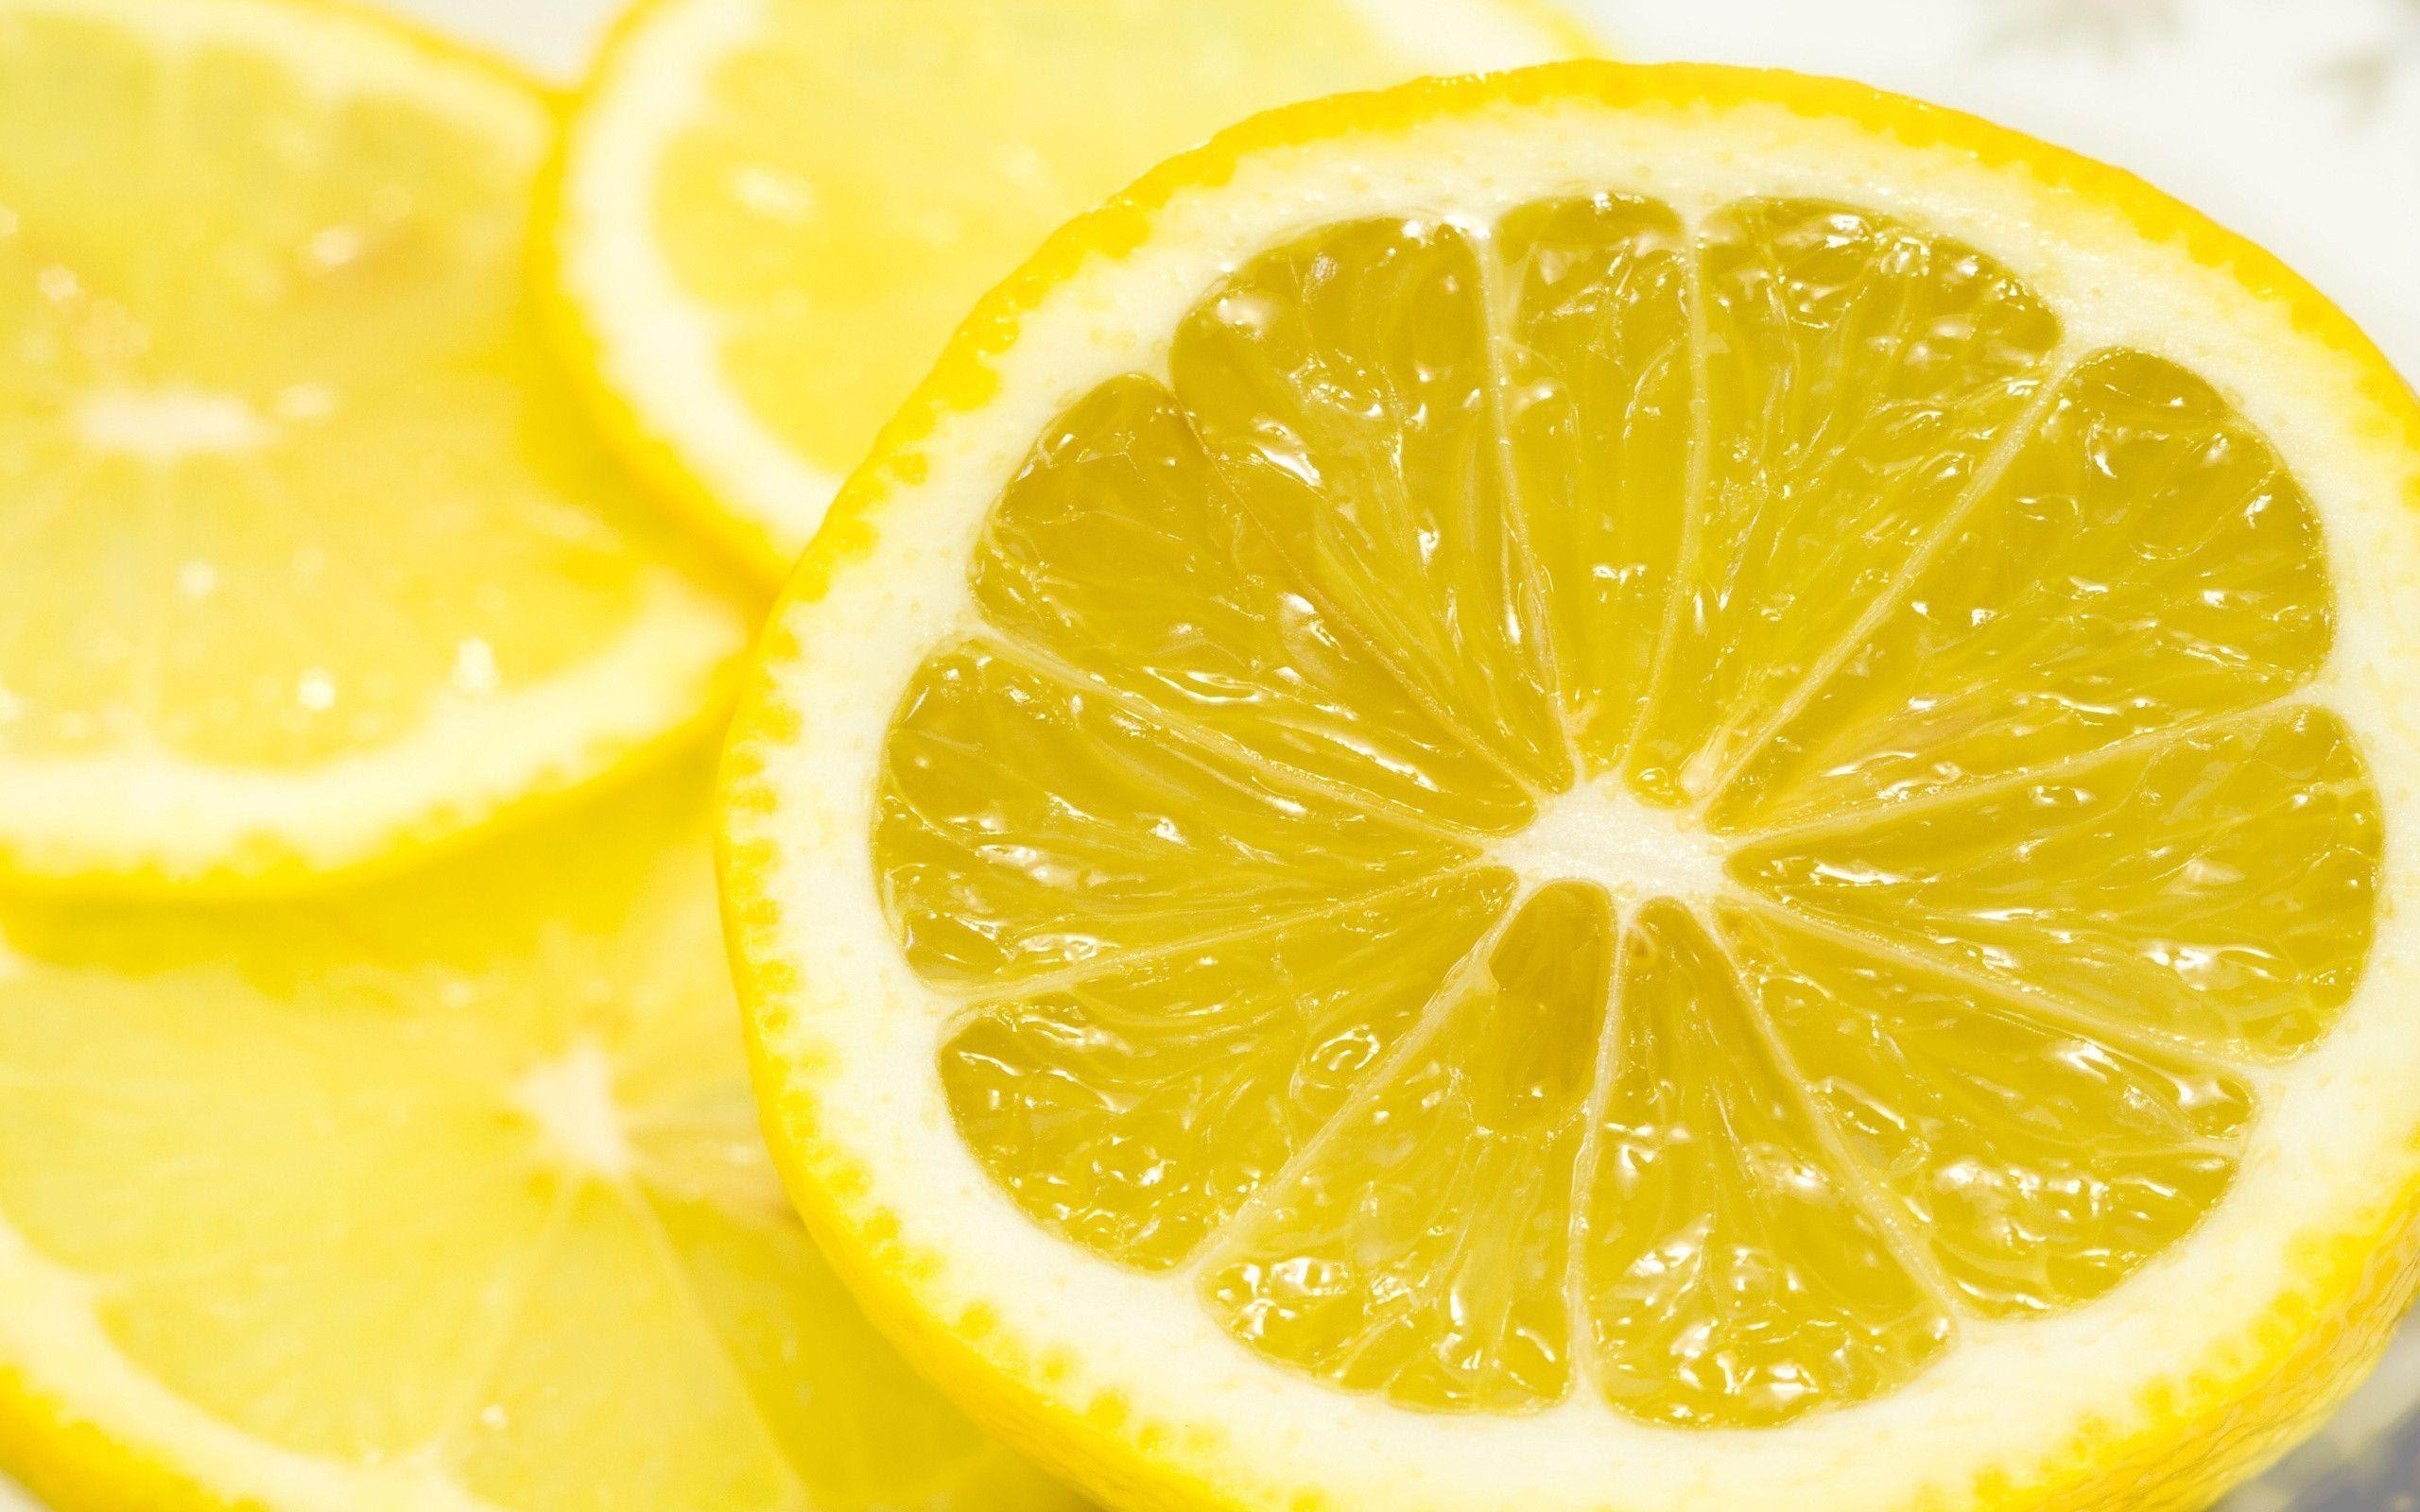 Lemon Wallpapers - Wallpaper Cave